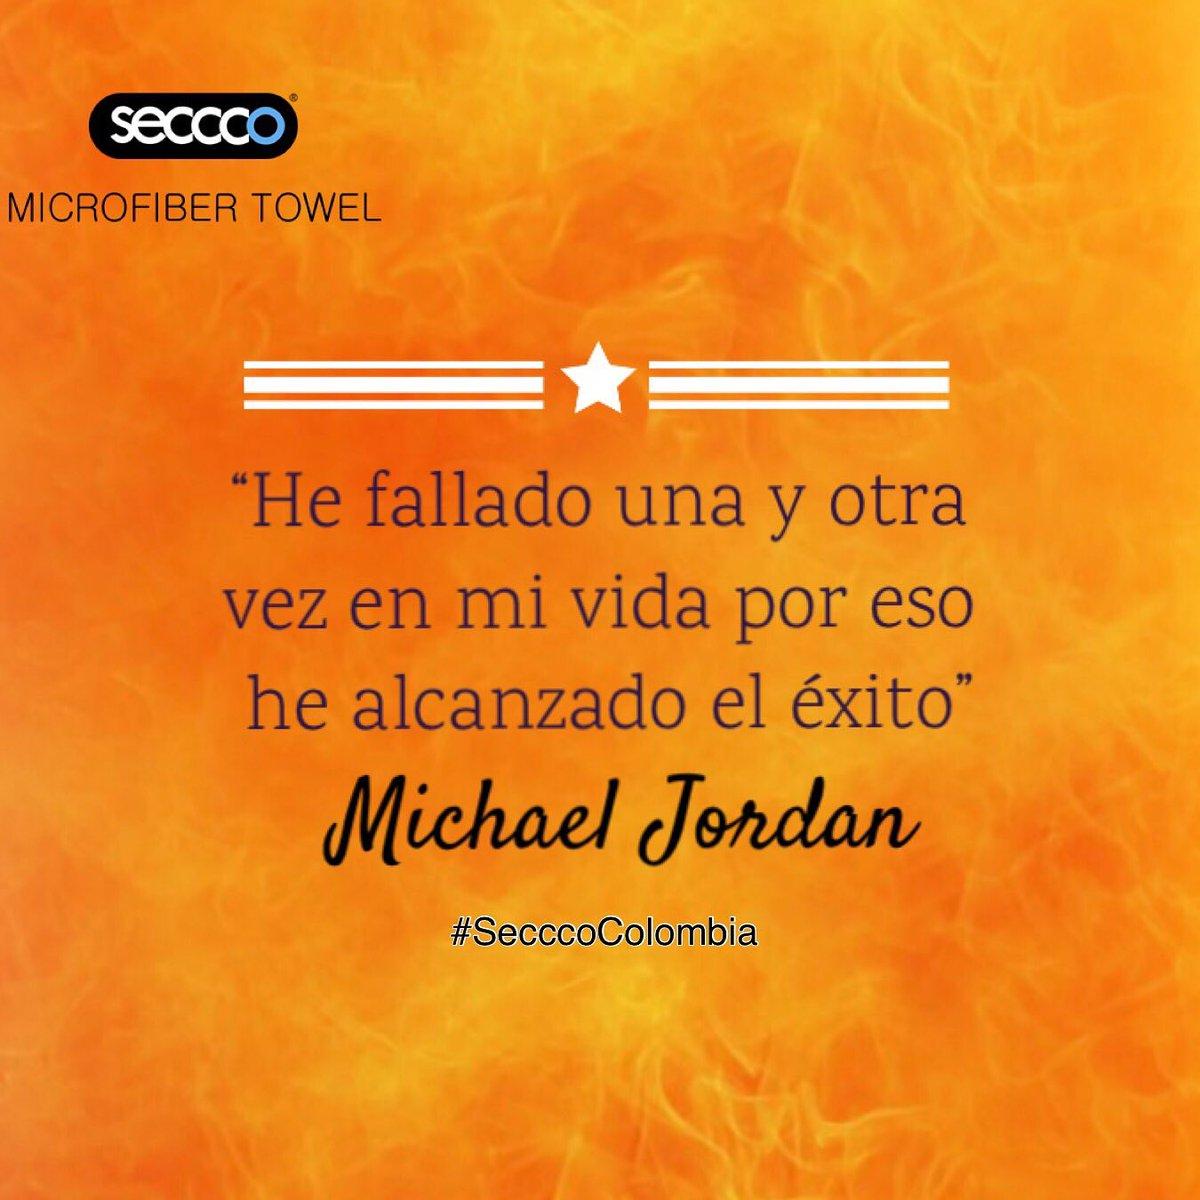 RT @seccco_colombia: ¡Fija tus #sueños! #SecccoColombia te acompaña #ToallasDeMicrofibra https://t.co/fdYmPtn78n